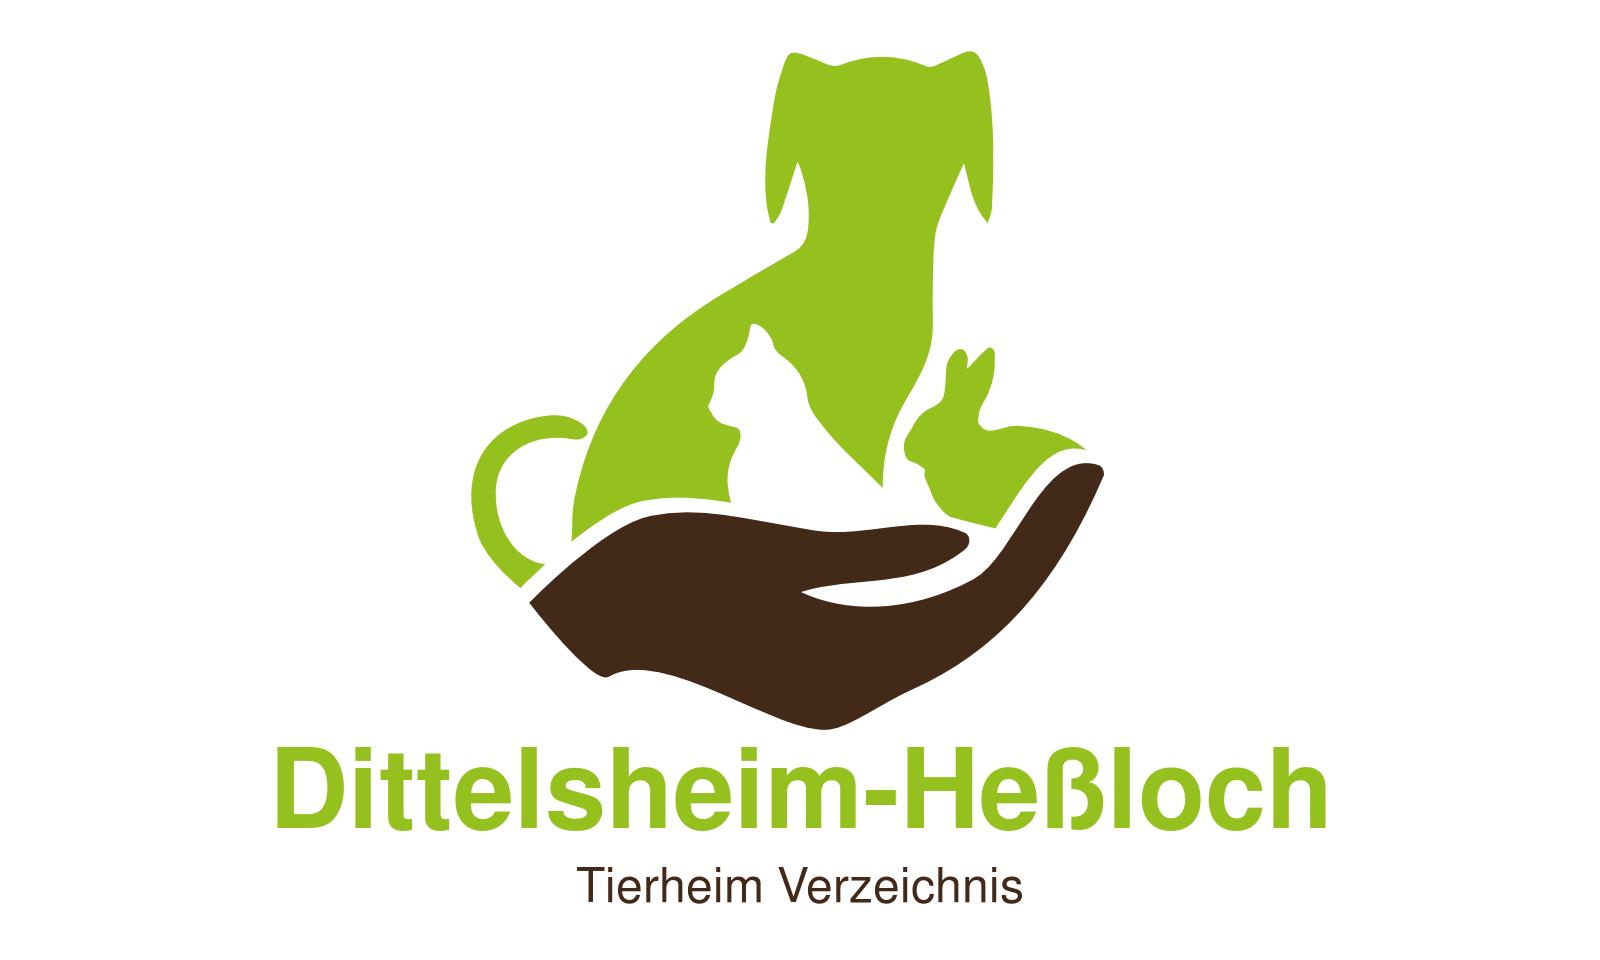 Tierheim Dittelsheim-Heßloch